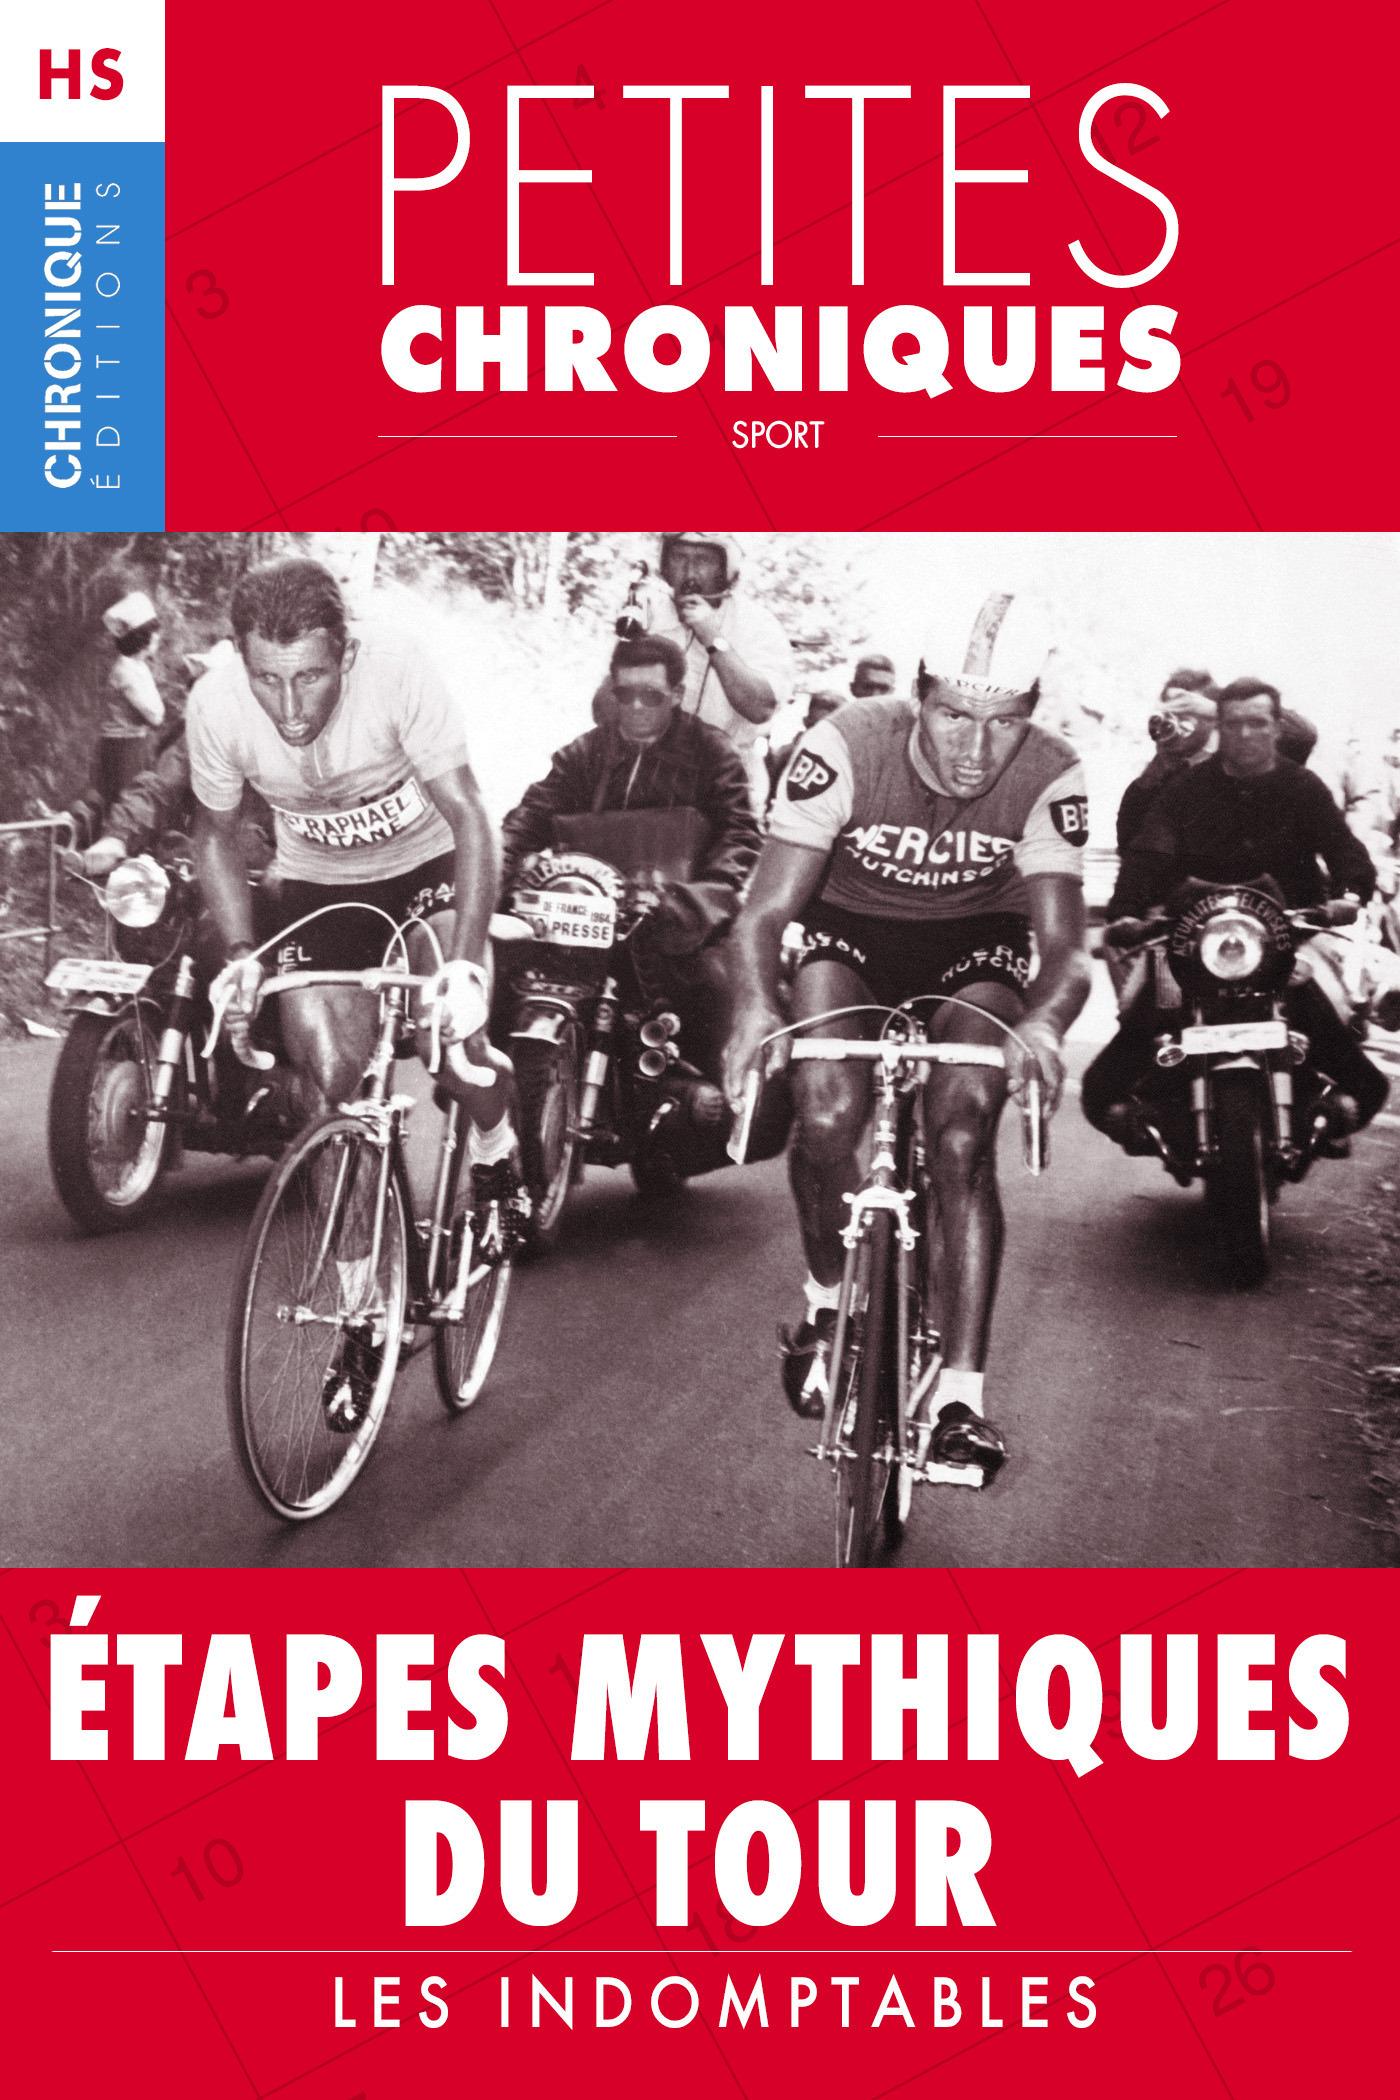 Hors-série #2 : Étapes mythiques du Tour - Les indomptables